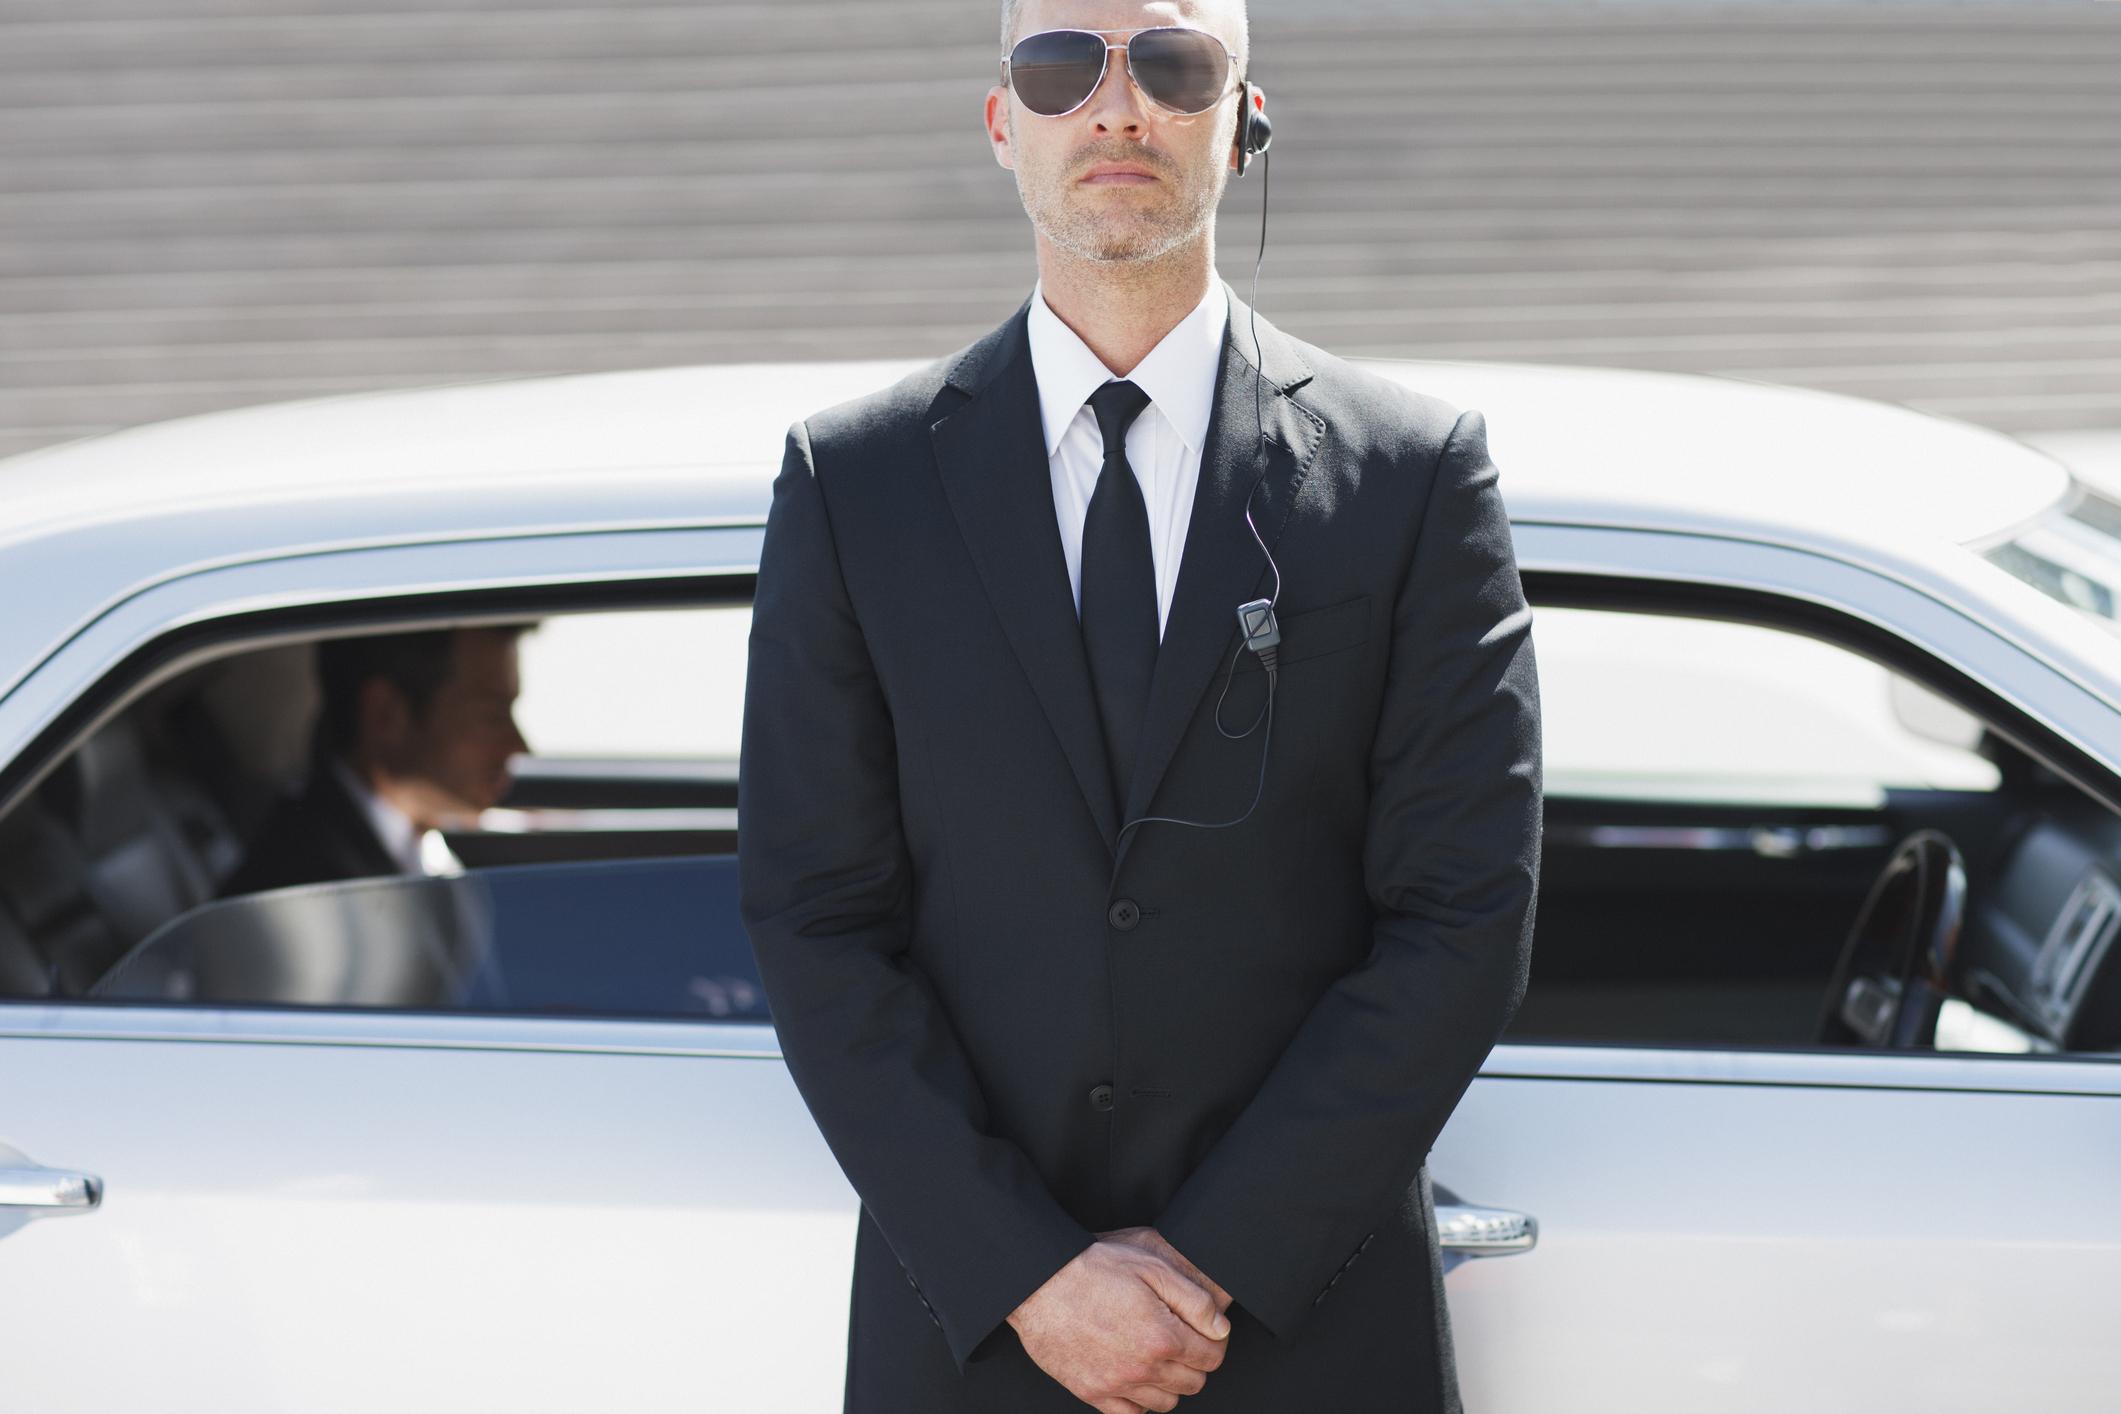 Bodyguard Executive Protection